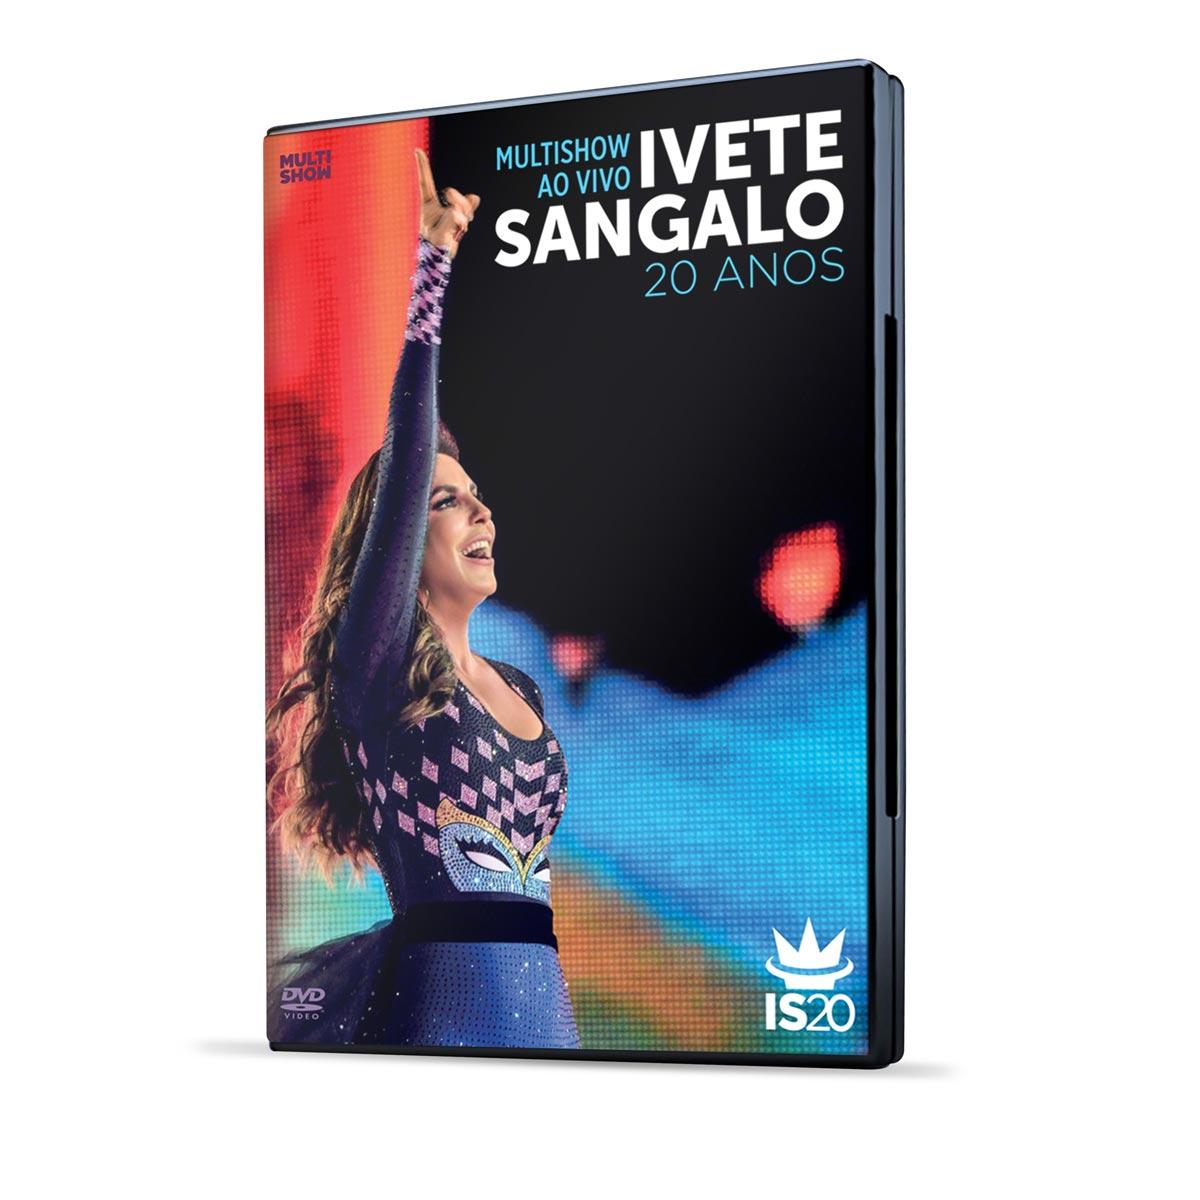 DVD Ivete Sangalo 20 Anos Ao Vivo no Multishow